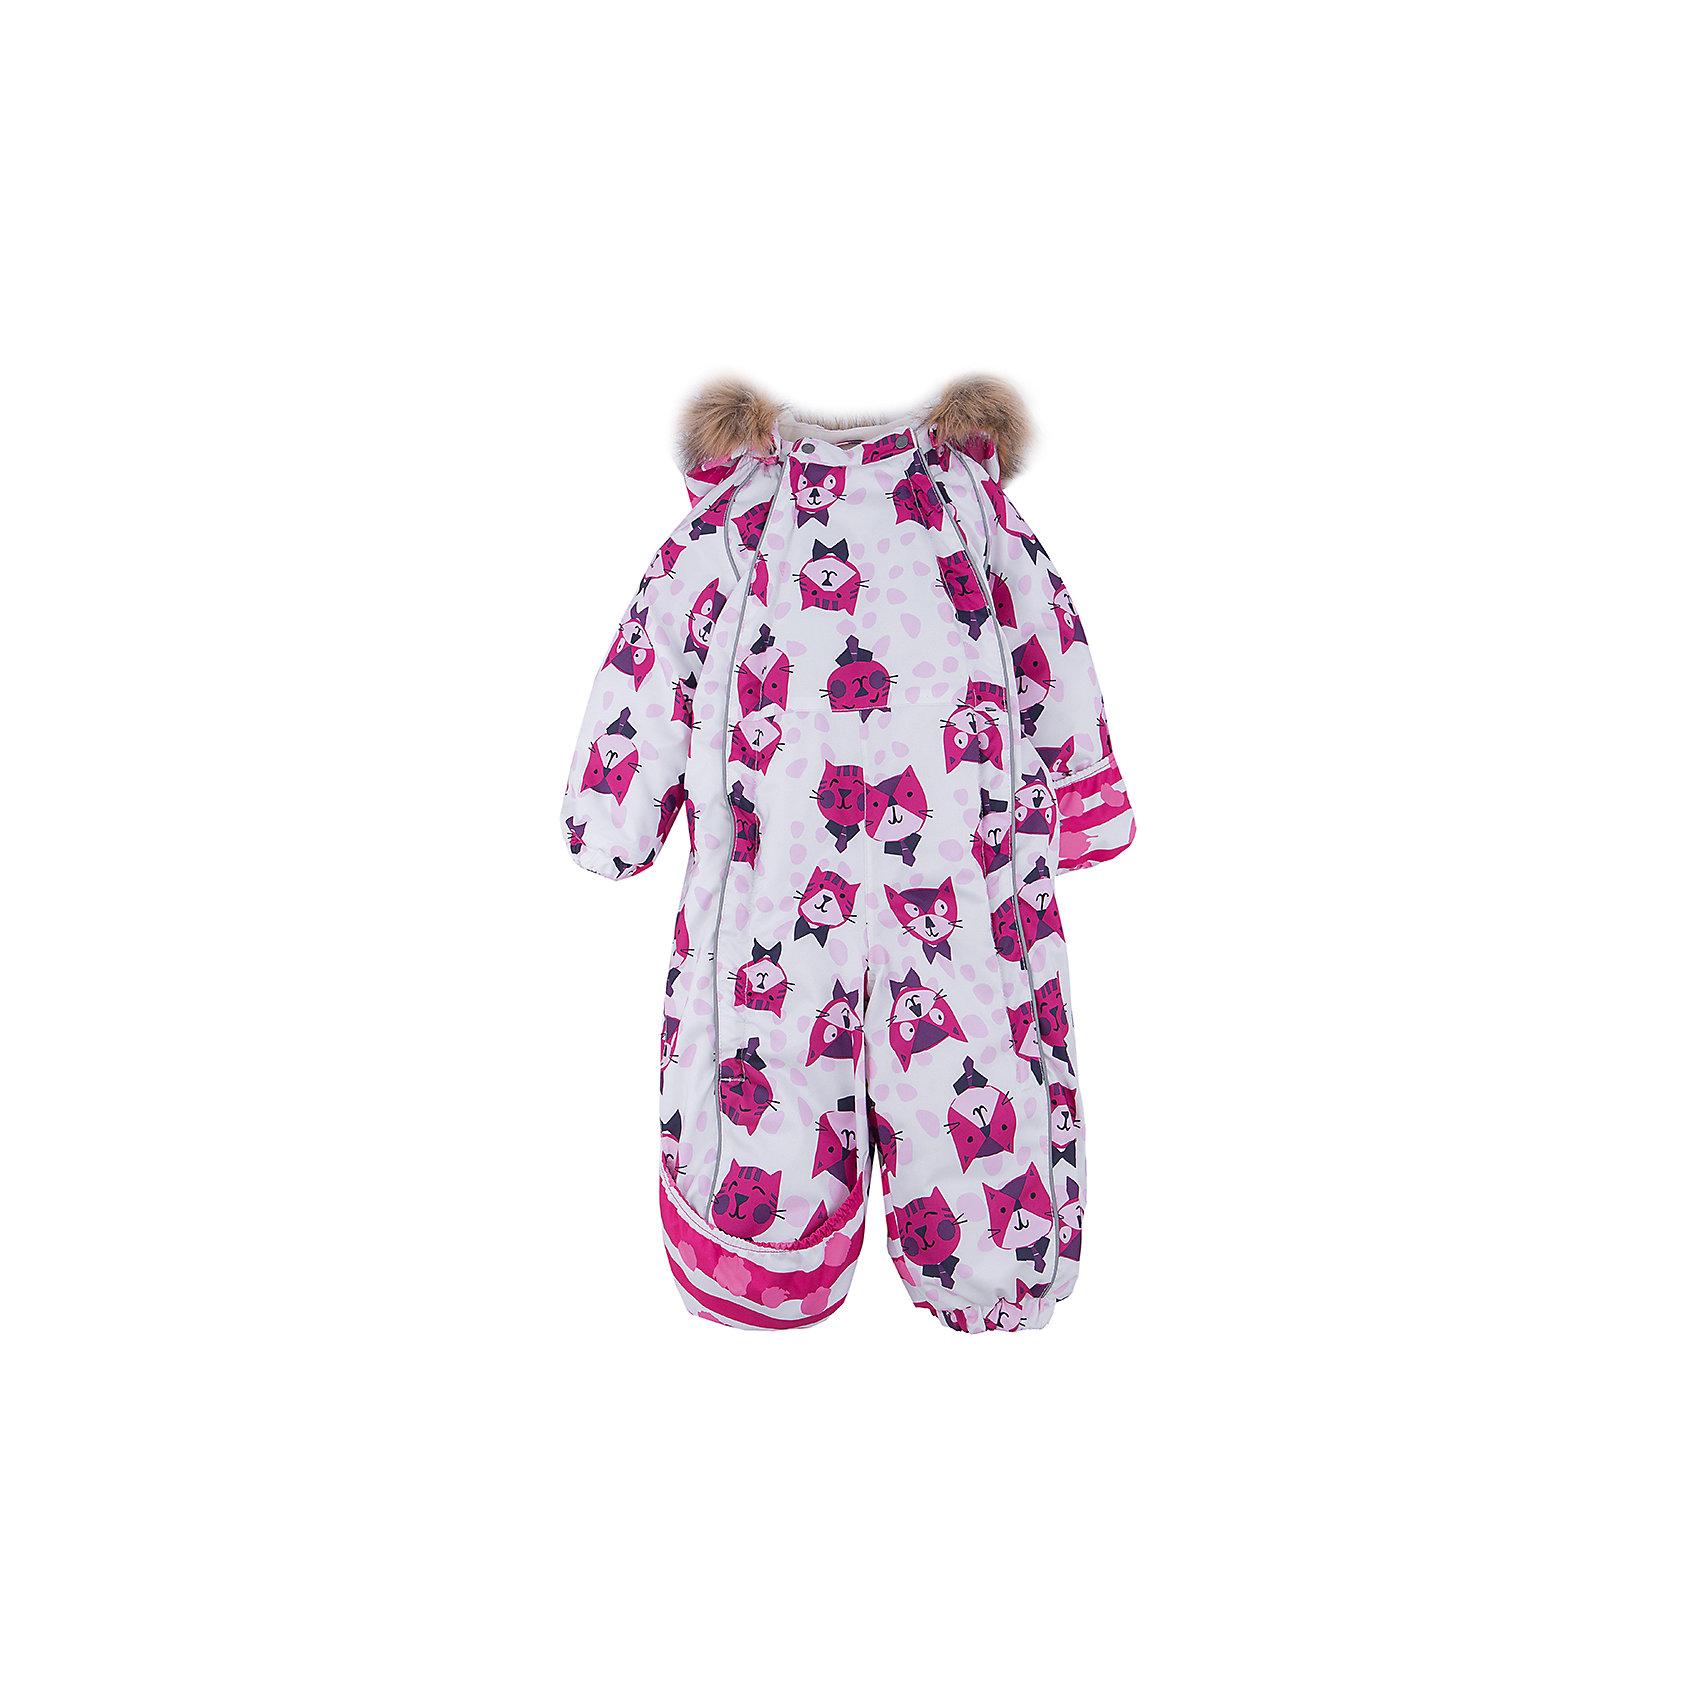 Комбинезон HuppaВерхняя одежда<br>Зимний комбинезон KEIRA Huppa (Хуппа) с необычной расцветкой и зверюшками изготовлен специально для малышей. <br><br>Утеплитель: 100% полиэстер, 300 гр.<br><br>Температурный режим: до -30 градусов. Степень утепления – высокая. <br><br>* Температурный режим указан приблизительно — необходимо, прежде всего, ориентироваться на ощущения ребенка. Температурный режим работает в случае соблюдения правила многослойности – использования флисовой поддевы и термобелья.<br><br>Мембрана с изнаночной стороны защитит от воды, ветра и выведет лишнюю влагу во избежание перегрева. Утеплитель HuppaTherm быстро восстанавливается и неприхотлив в уходе. Комбинезон имеет резинки на талии и манжетах, благодаря чему вы можете не переживать о том, что снег попадет крохе под одежду. Комбинезон застегивается на две молнии спереди, что особенно удобно для маленьких непосед.<br><br>Особенности:<br>-отстегивающийся капюшон<br>-двойная молния<br>-светоотражающие полоски<br>-манжеты с отворотом у размеров 68-80<br><br>Дополнительная информация:<br>Материал: 100% полиэстер<br>Подкладка: фланель - 100% хлопок<br>Цвет: белый/розовый<br><br>Вы можете приобрести комбинезон KEIRA Huppa (Хуппа) в нашем интернет-магазине.<br><br>Ширина мм: 356<br>Глубина мм: 10<br>Высота мм: 245<br>Вес г: 519<br>Цвет: белый/розовый<br>Возраст от месяцев: 6<br>Возраст до месяцев: 9<br>Пол: Женский<br>Возраст: Детский<br>Размер: 74,98,68,80,86,92<br>SKU: 4928519